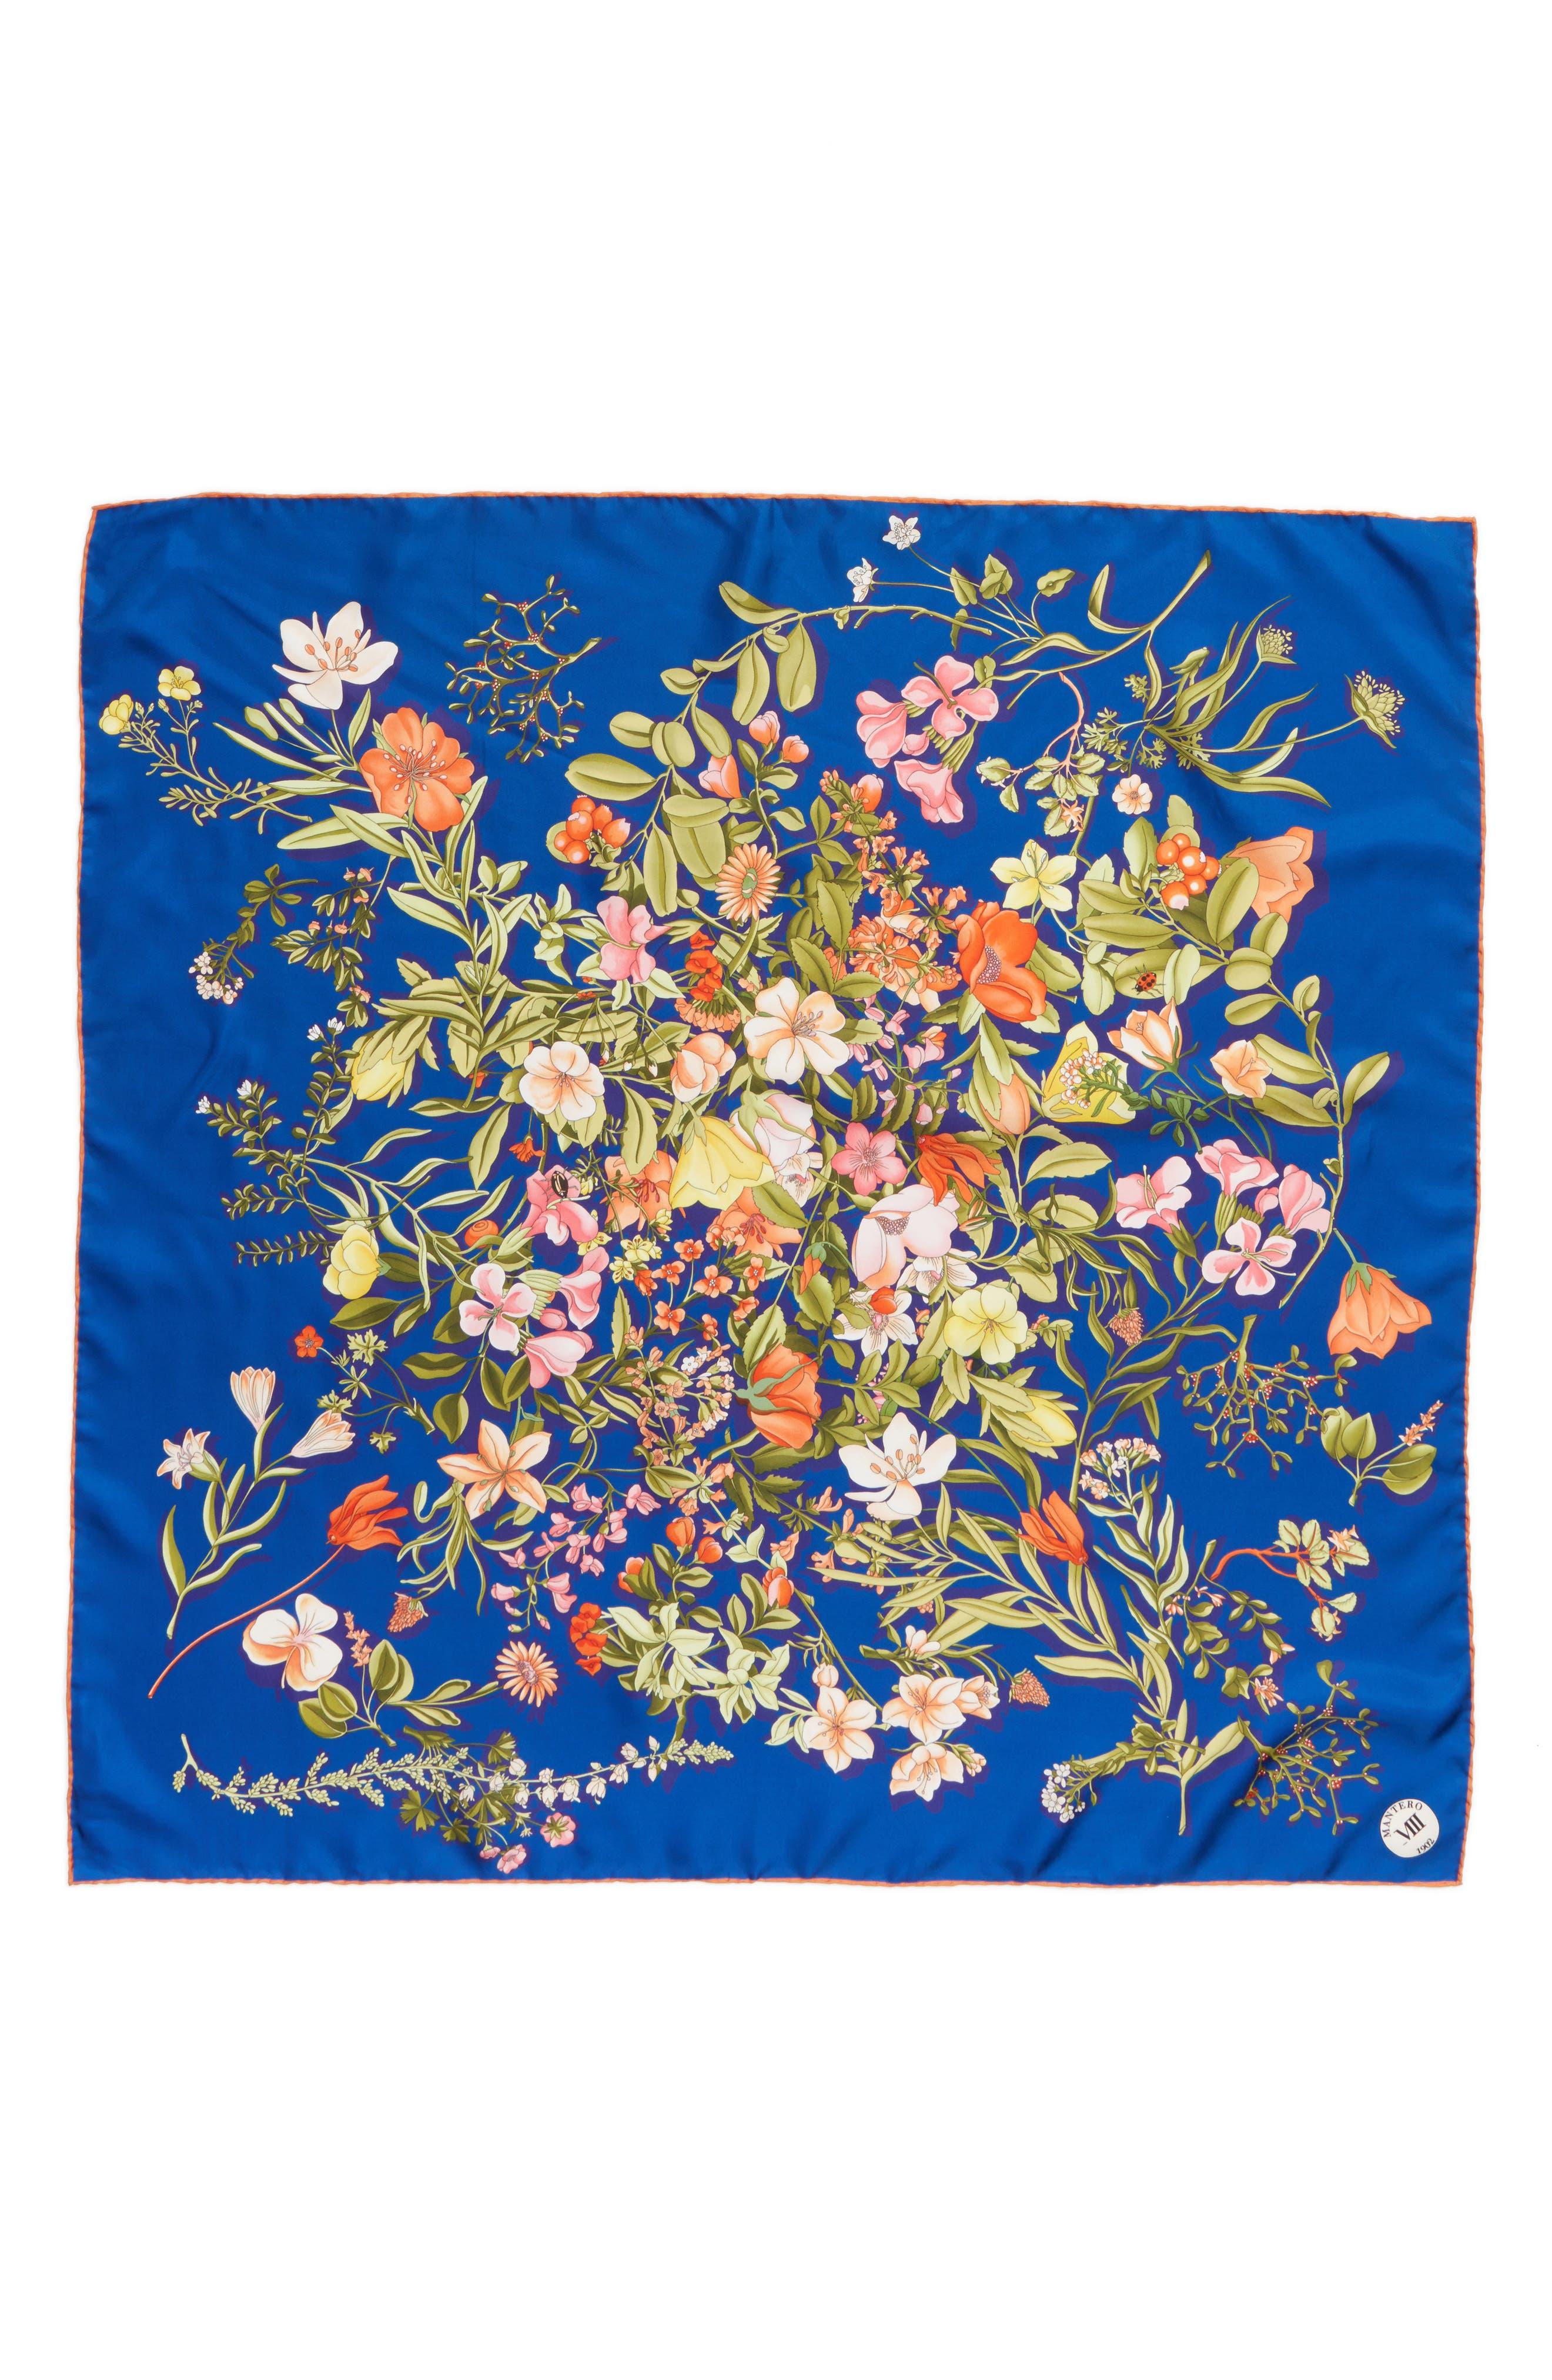 Main Image - MANTERO Archivio N.39 Square Silk Scarf